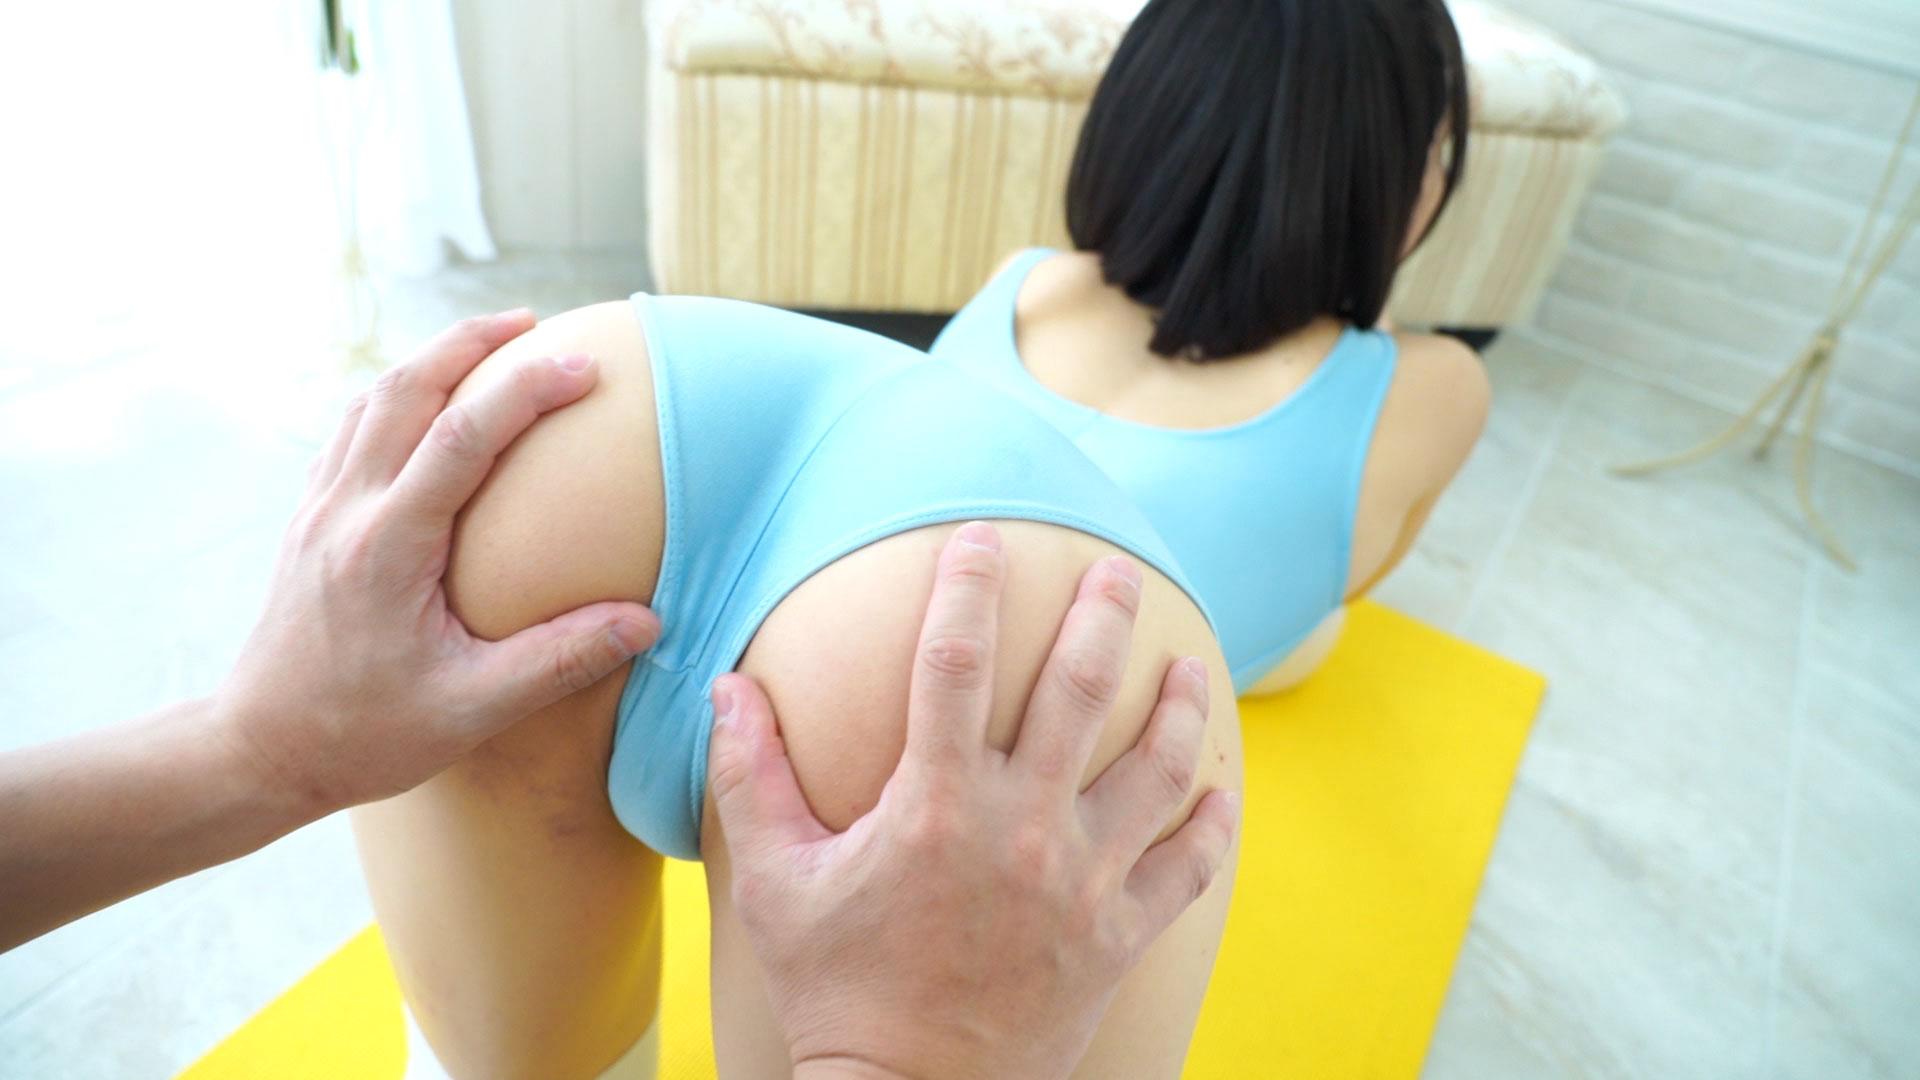 松井史緒里